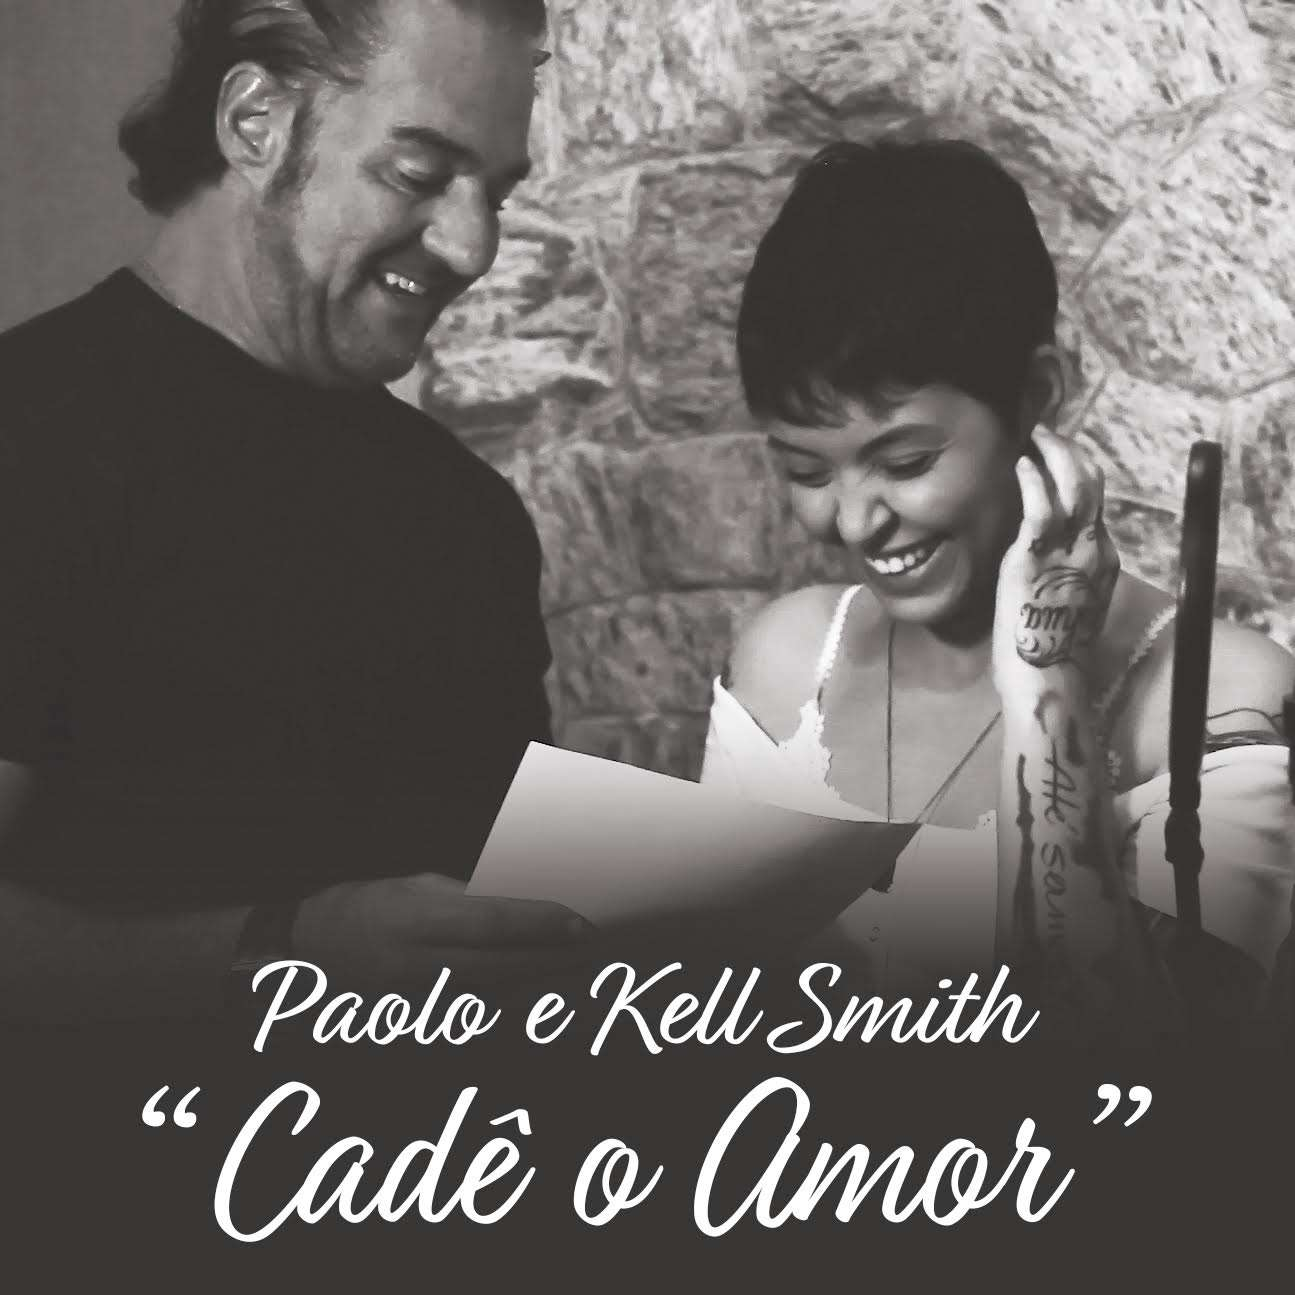 Paolo e kell Smith - Cadê o Amor - A Dona do Pedaço